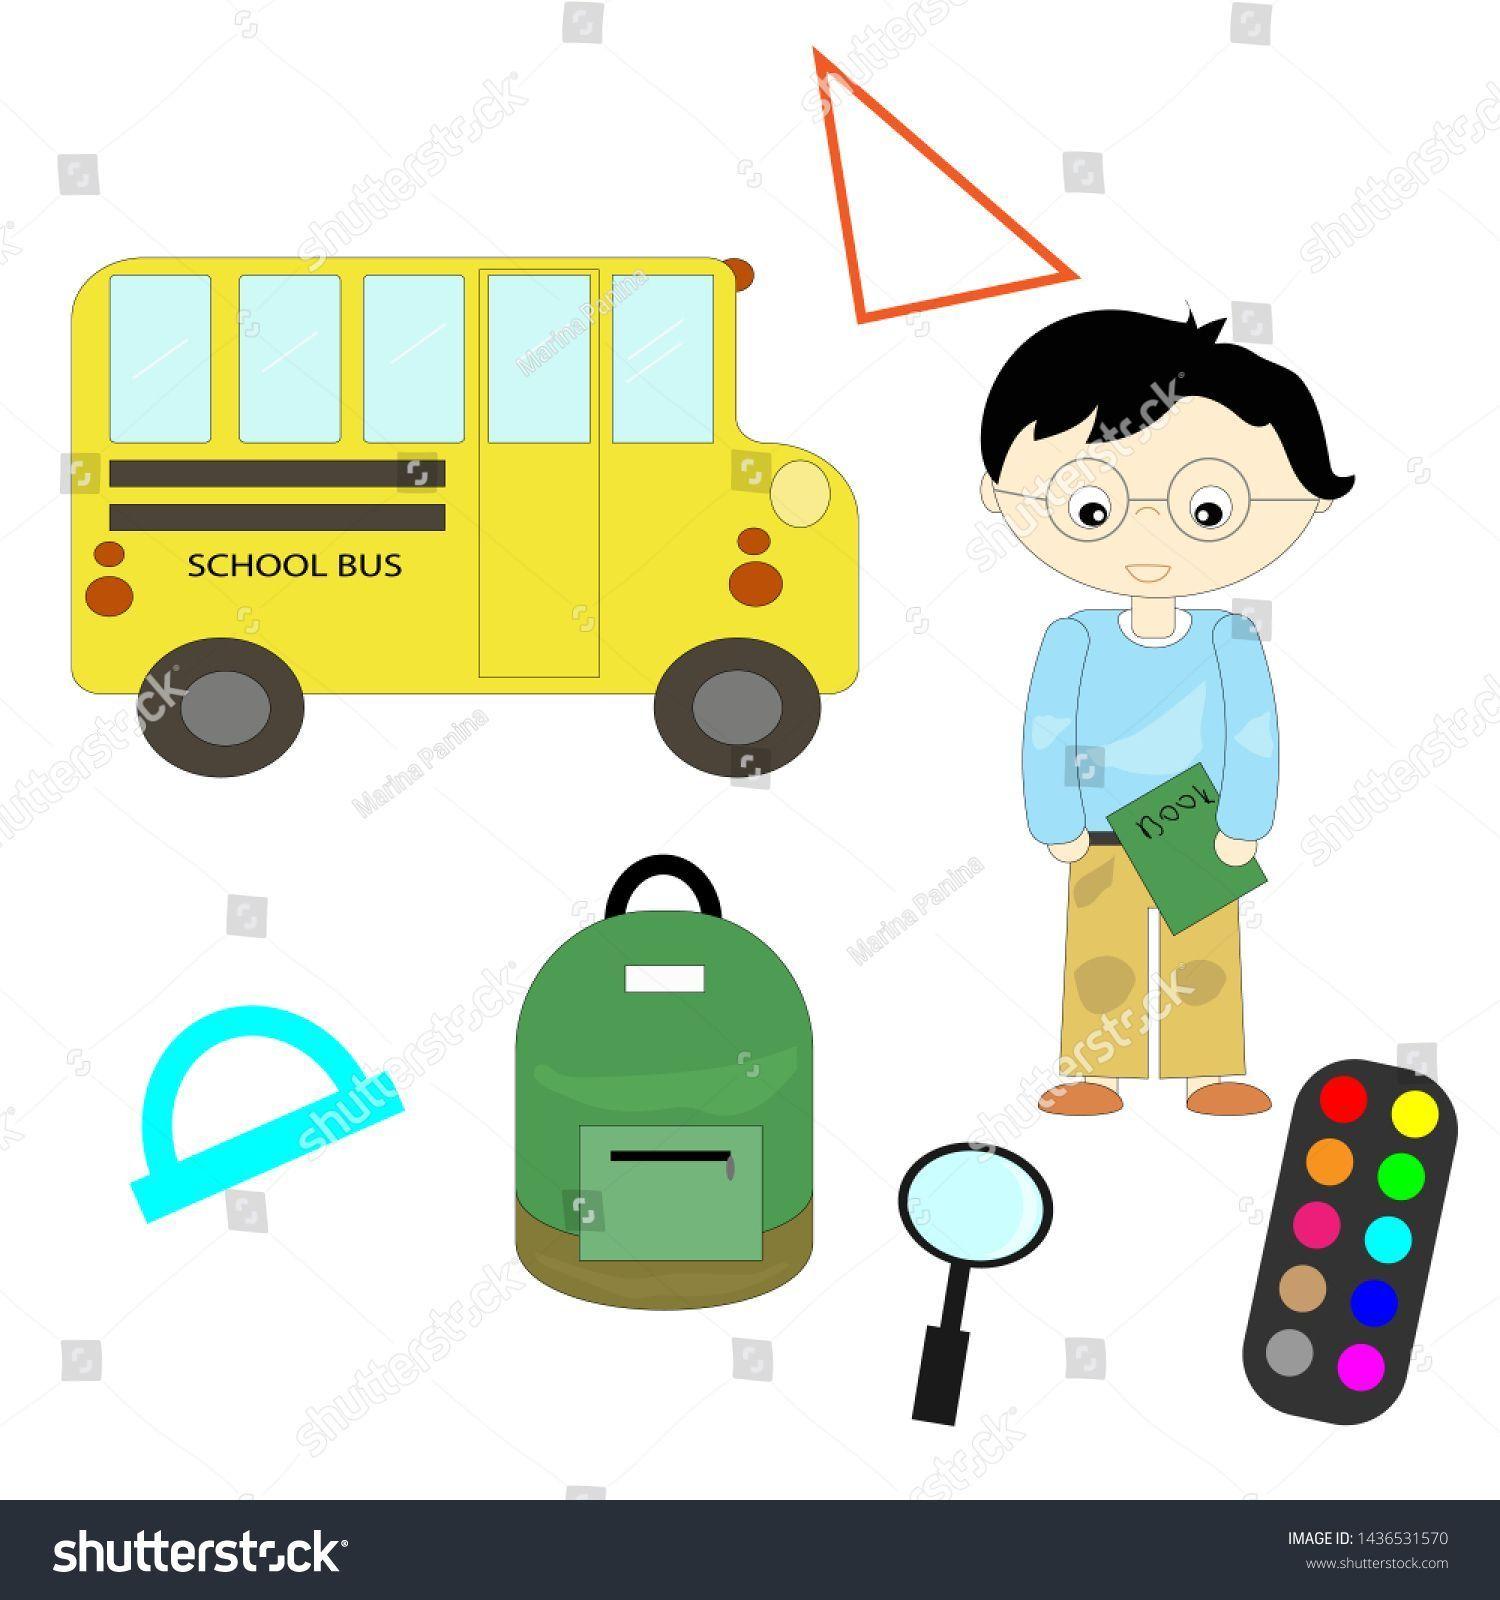 Back School Background School Supplies Set Stock Vector (Royalty Free) 1436531570,  #backgrou...,  #backgrou #background #Free #Royalty #School #schoolsuppliesillustration #Set #Stock #Supplies #Vector